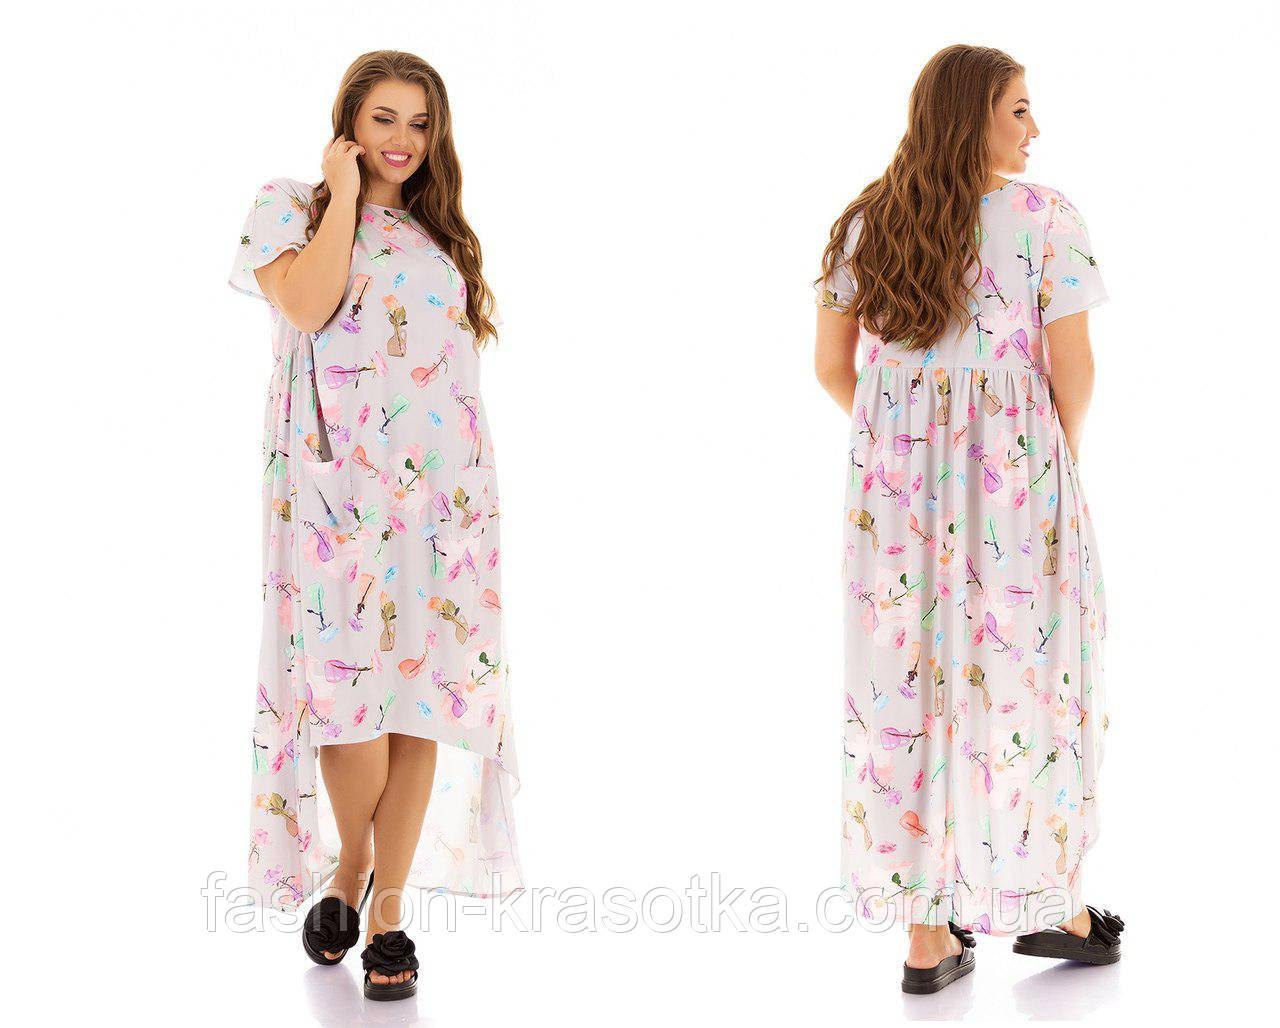 Шикарное летнее платье свободного силуэта